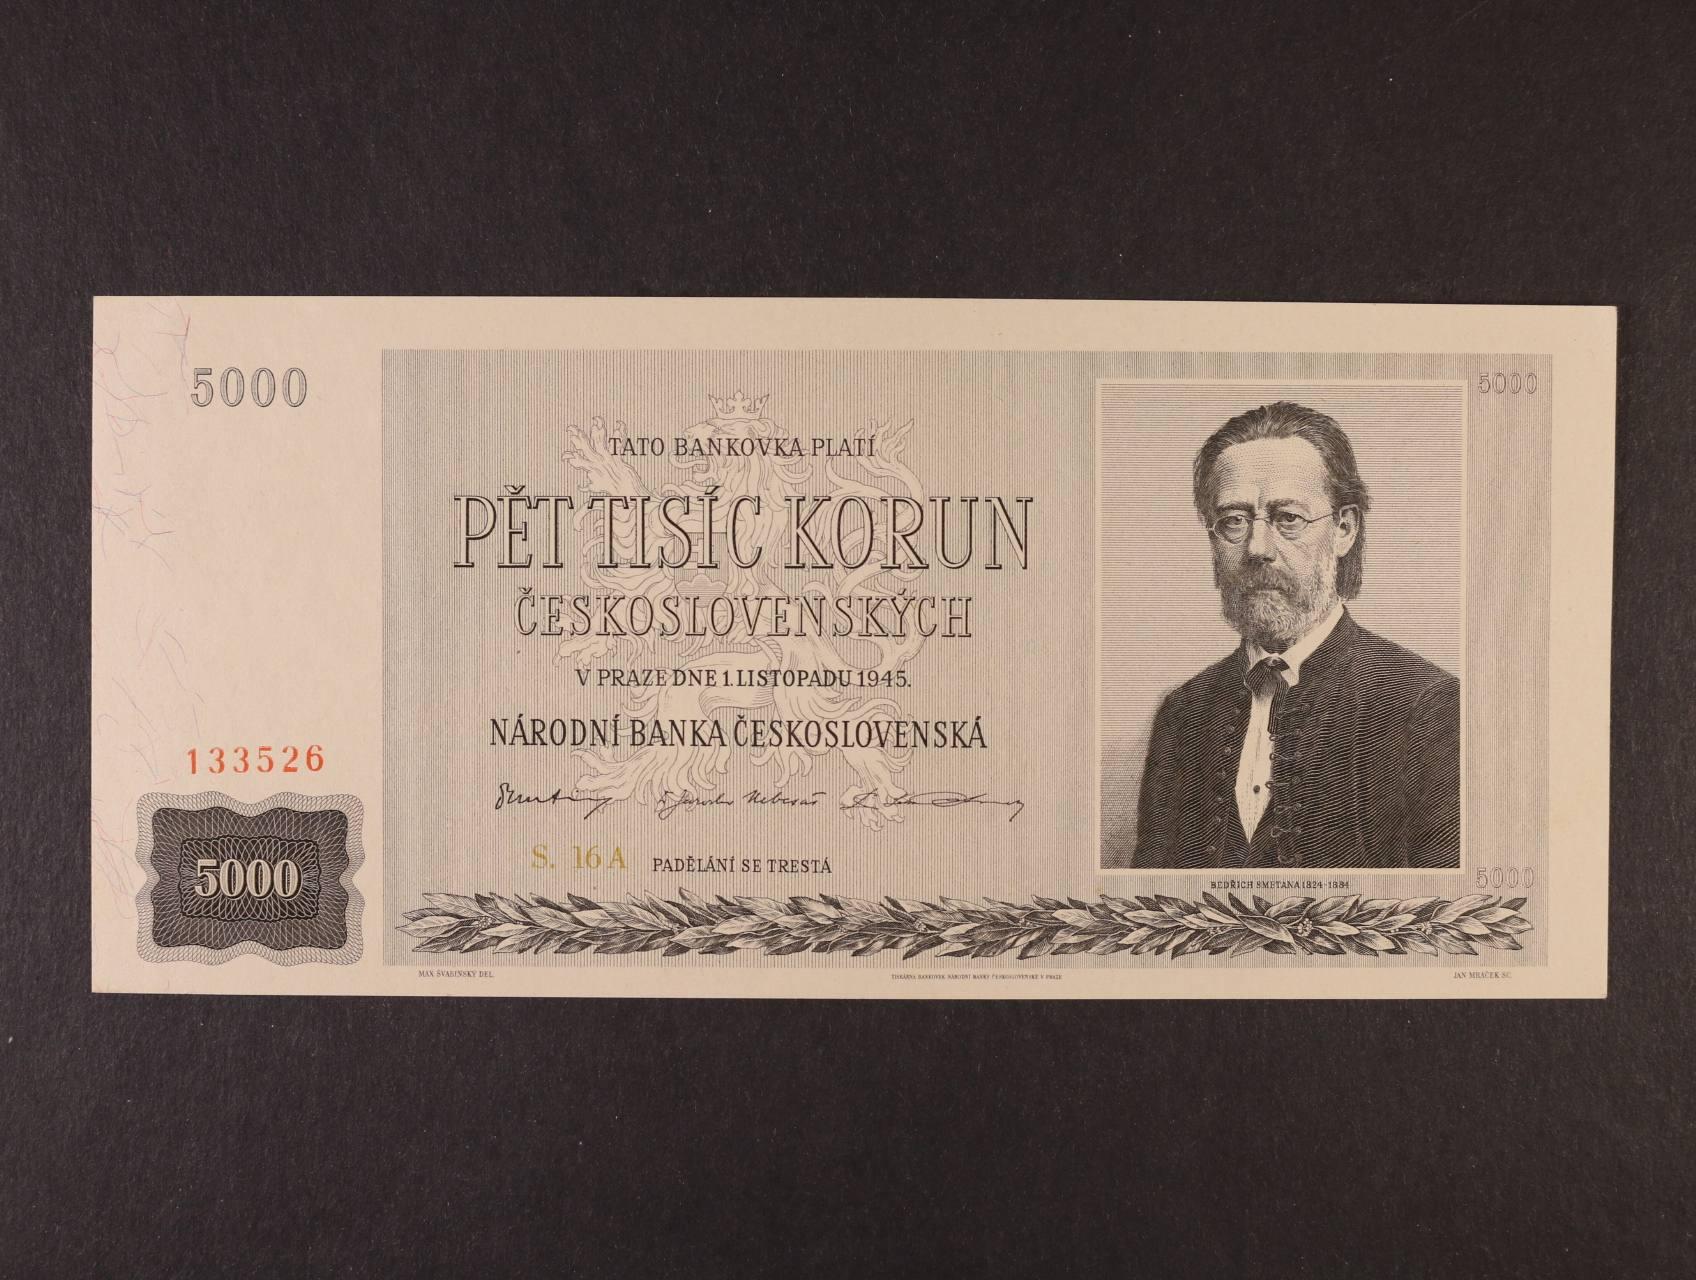 5000 Kčs 1.11.1945 série 16 A, Ba. 79, Pi. 75a